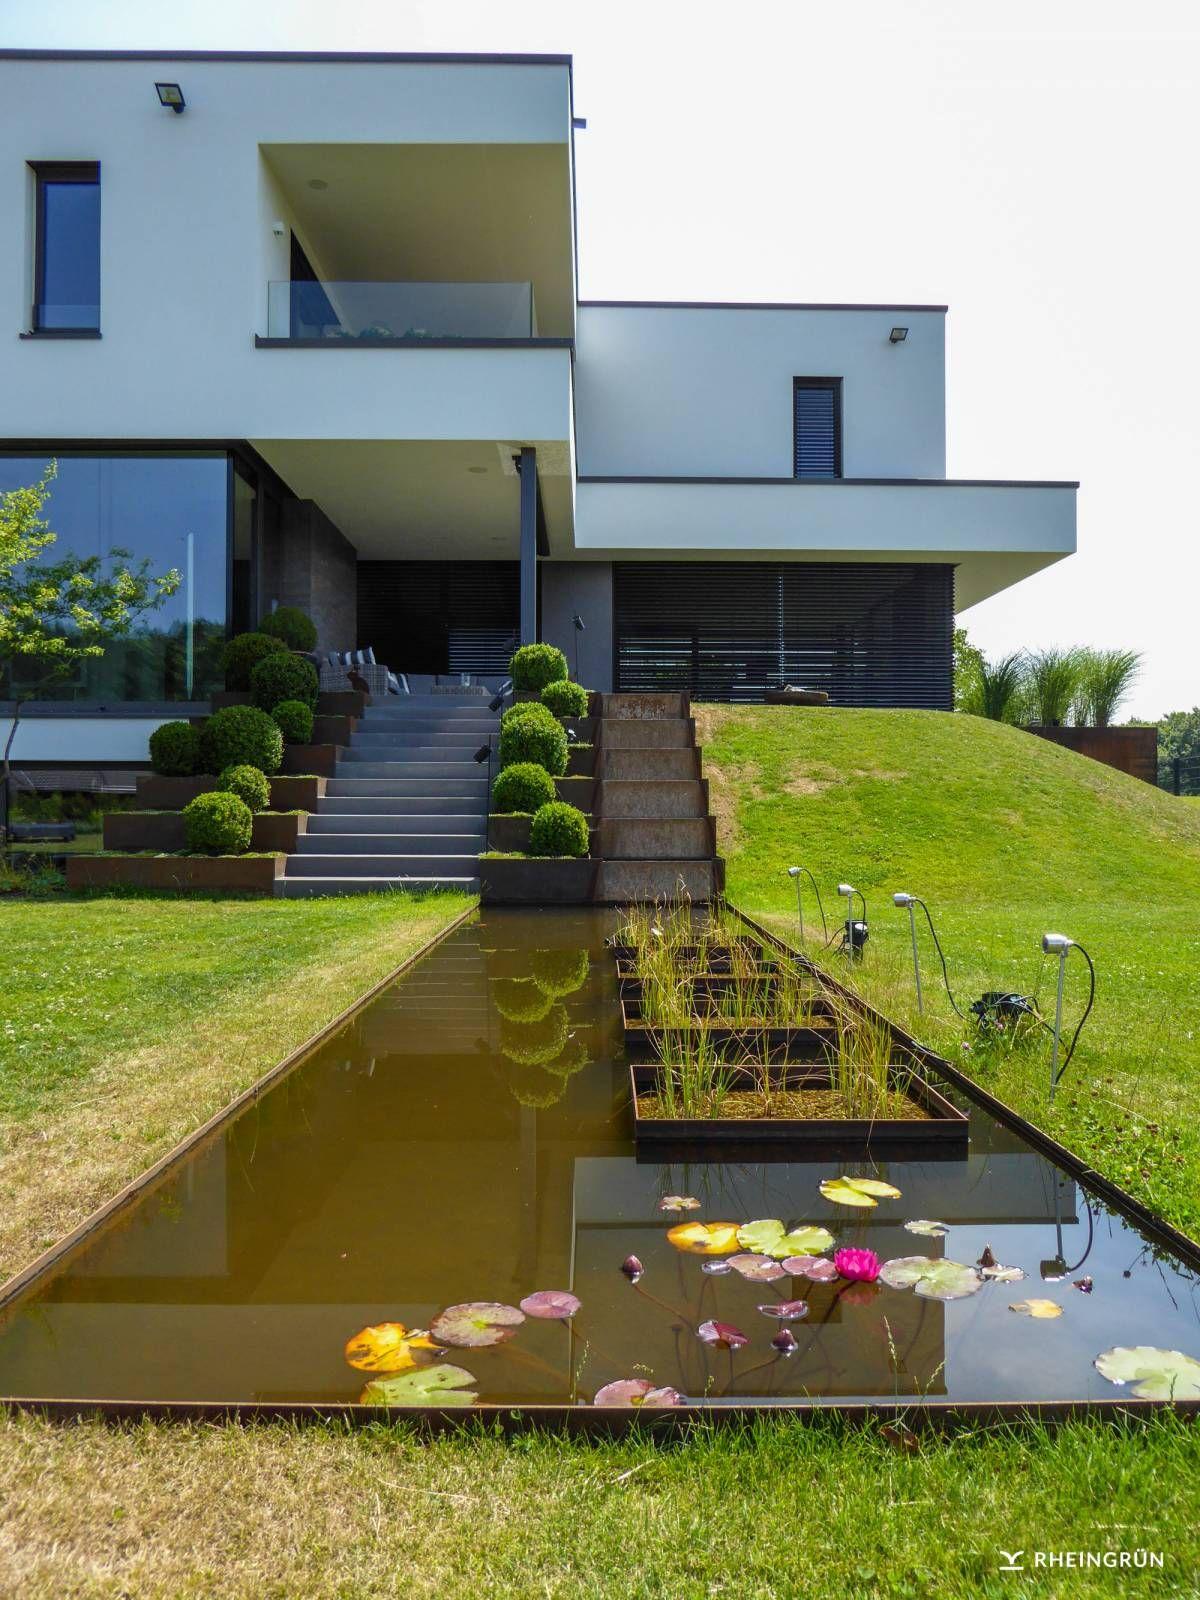 Appealing Gartengestaltung Hang Reference Of Minimalistische Am Mit Wasserbecken Aus Cortenstahl Und